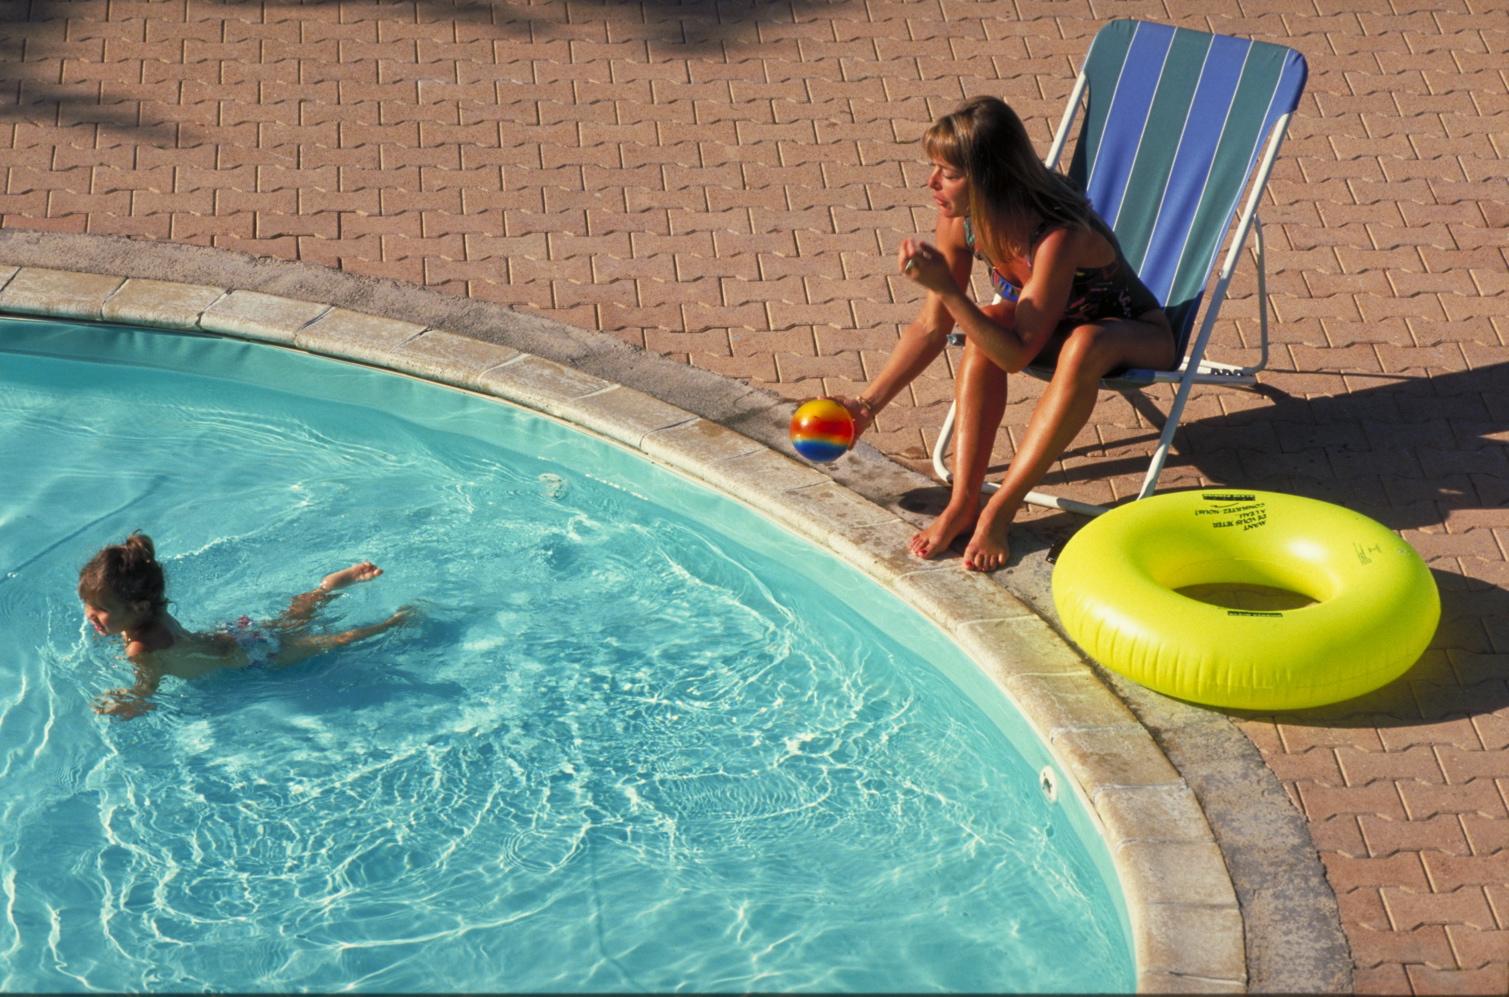 installer une piscine le co t la construction et d. Black Bedroom Furniture Sets. Home Design Ideas